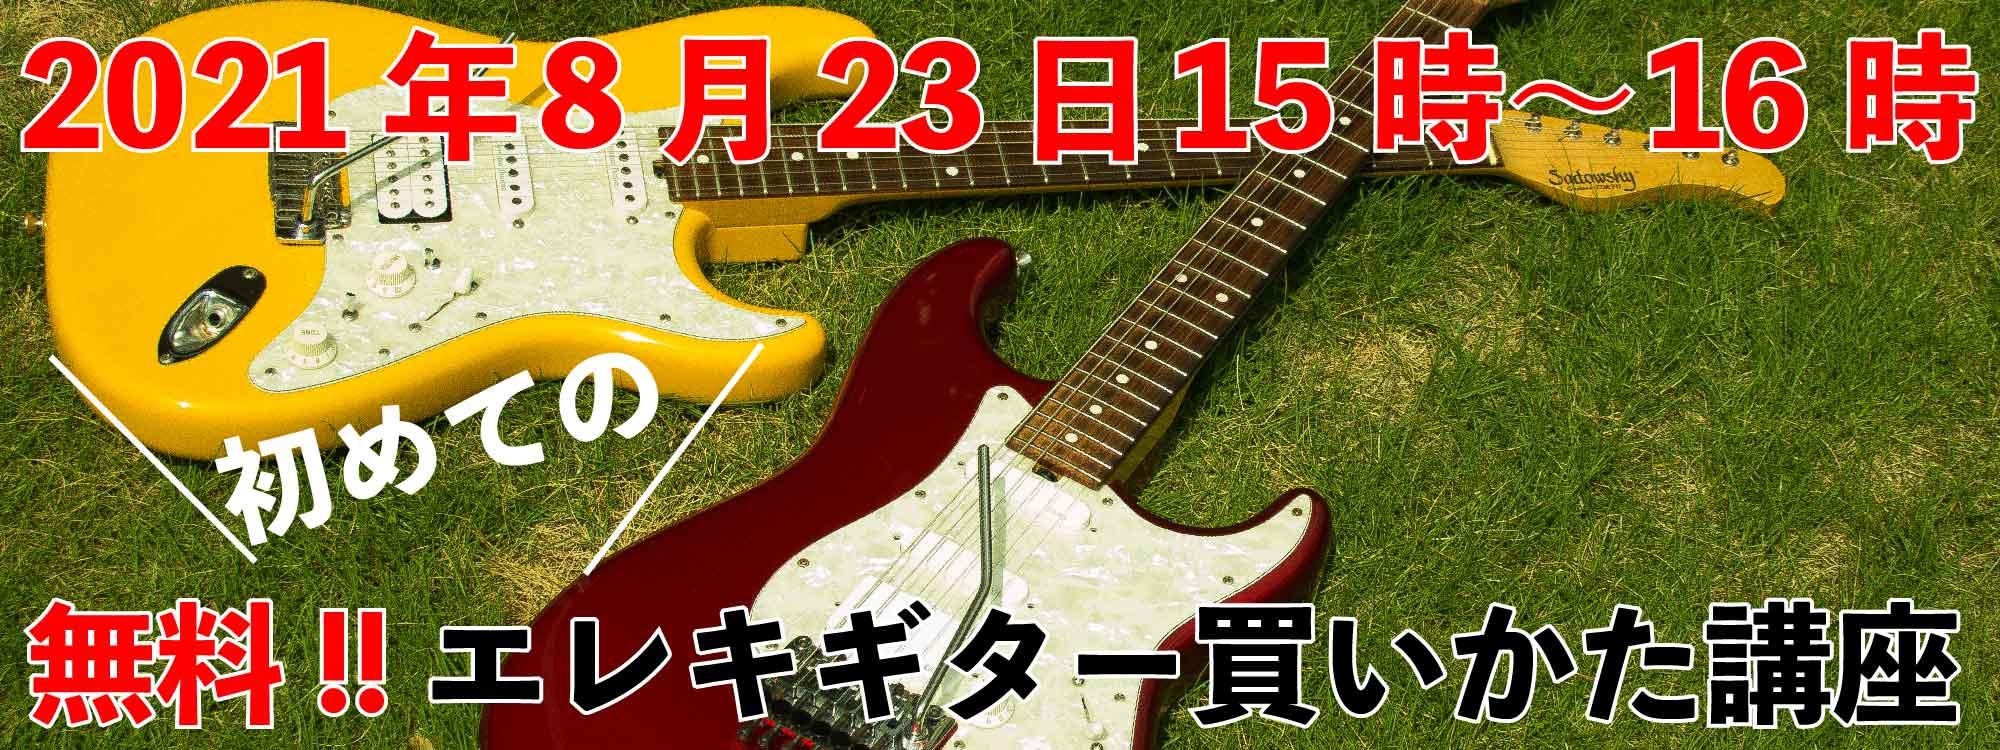 「無料!!初めてのエレキギター買いかた講座(feelギター教室 西東京市田無校)」